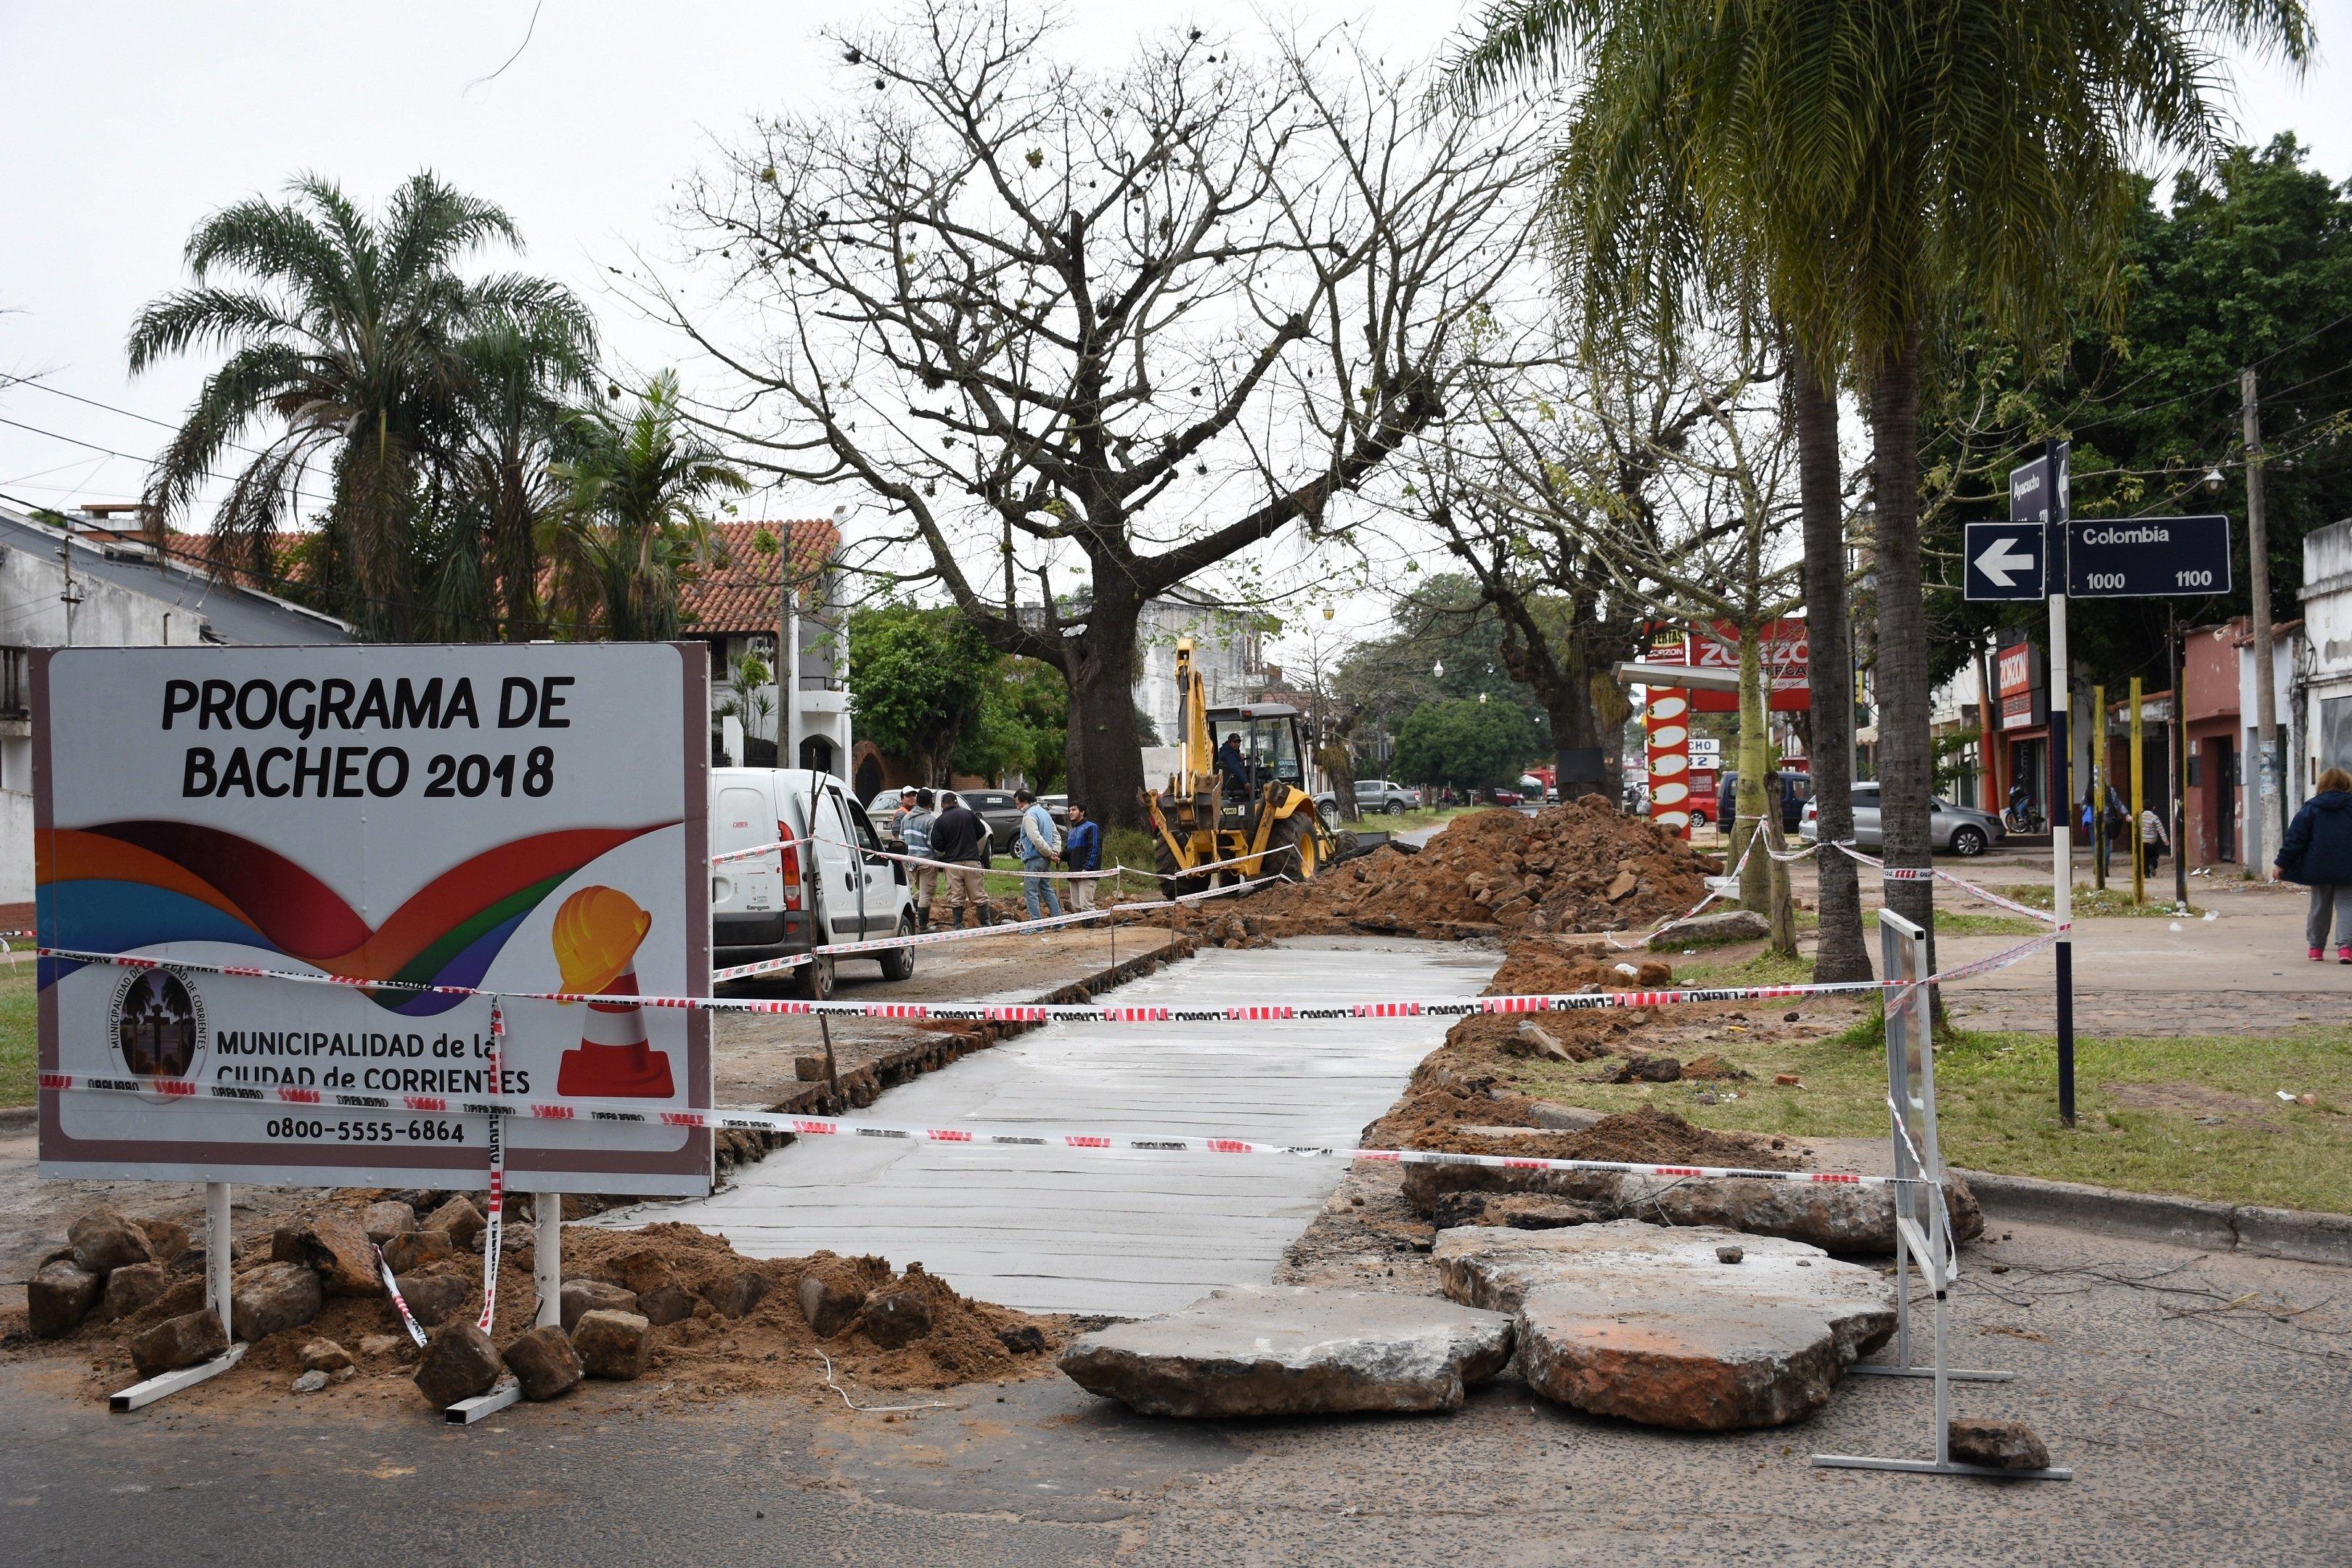 La Municipalidad continúa con el plan integral de bacheos en distintos puntos de la ciudad